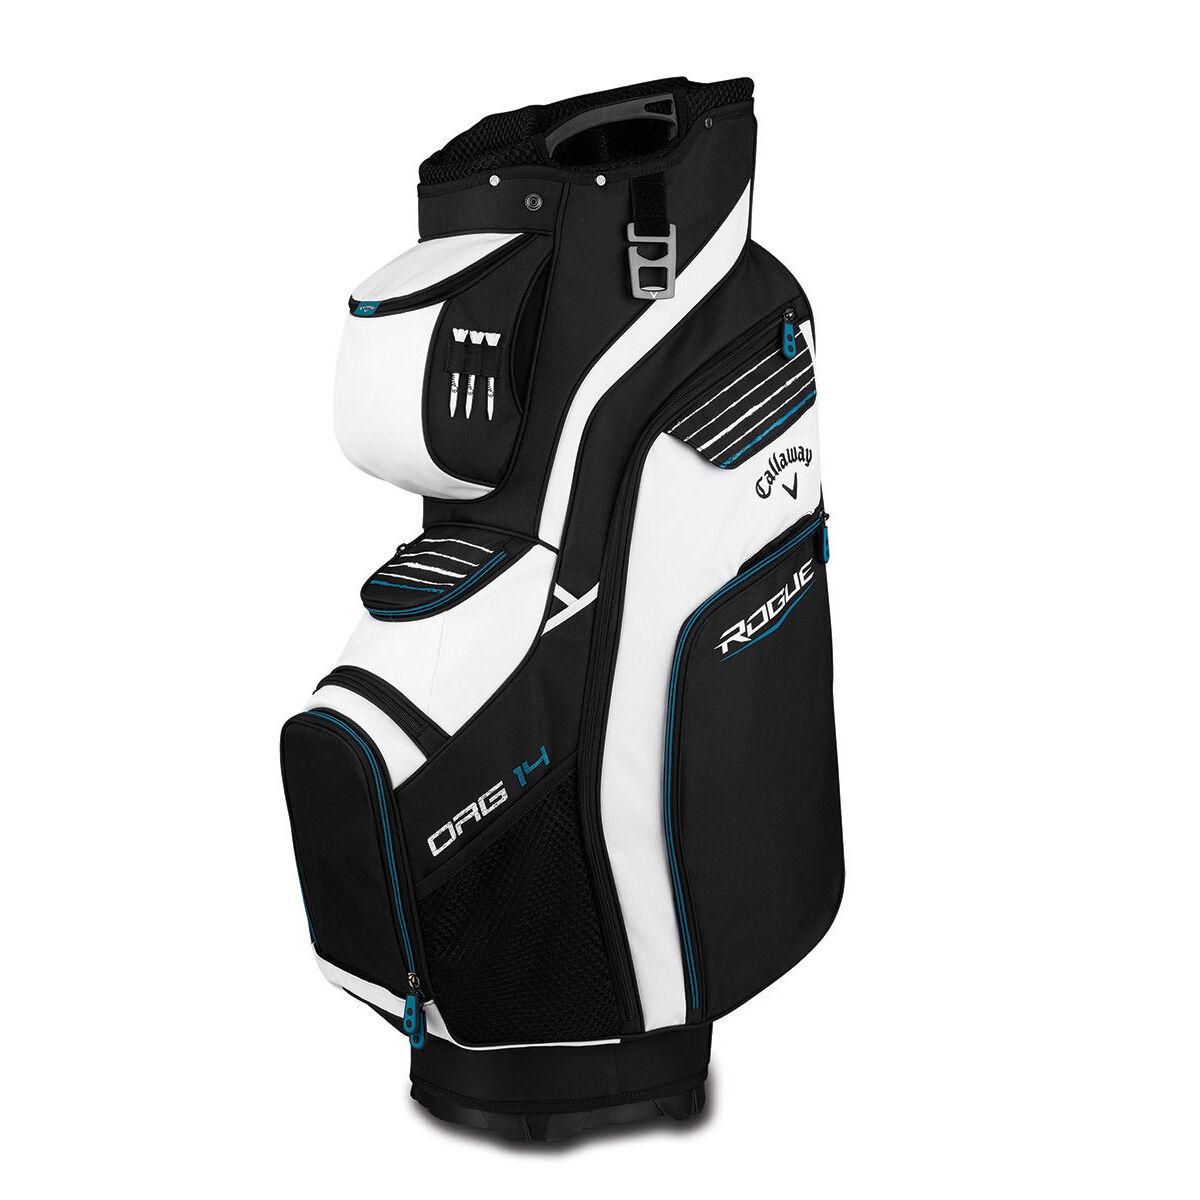 c9299c63d7e2f Callaway Golf Org 14 Rogue Cart Bag Online Golfrhonlinegolfeu  Golf Cart  Bags Online At Golf